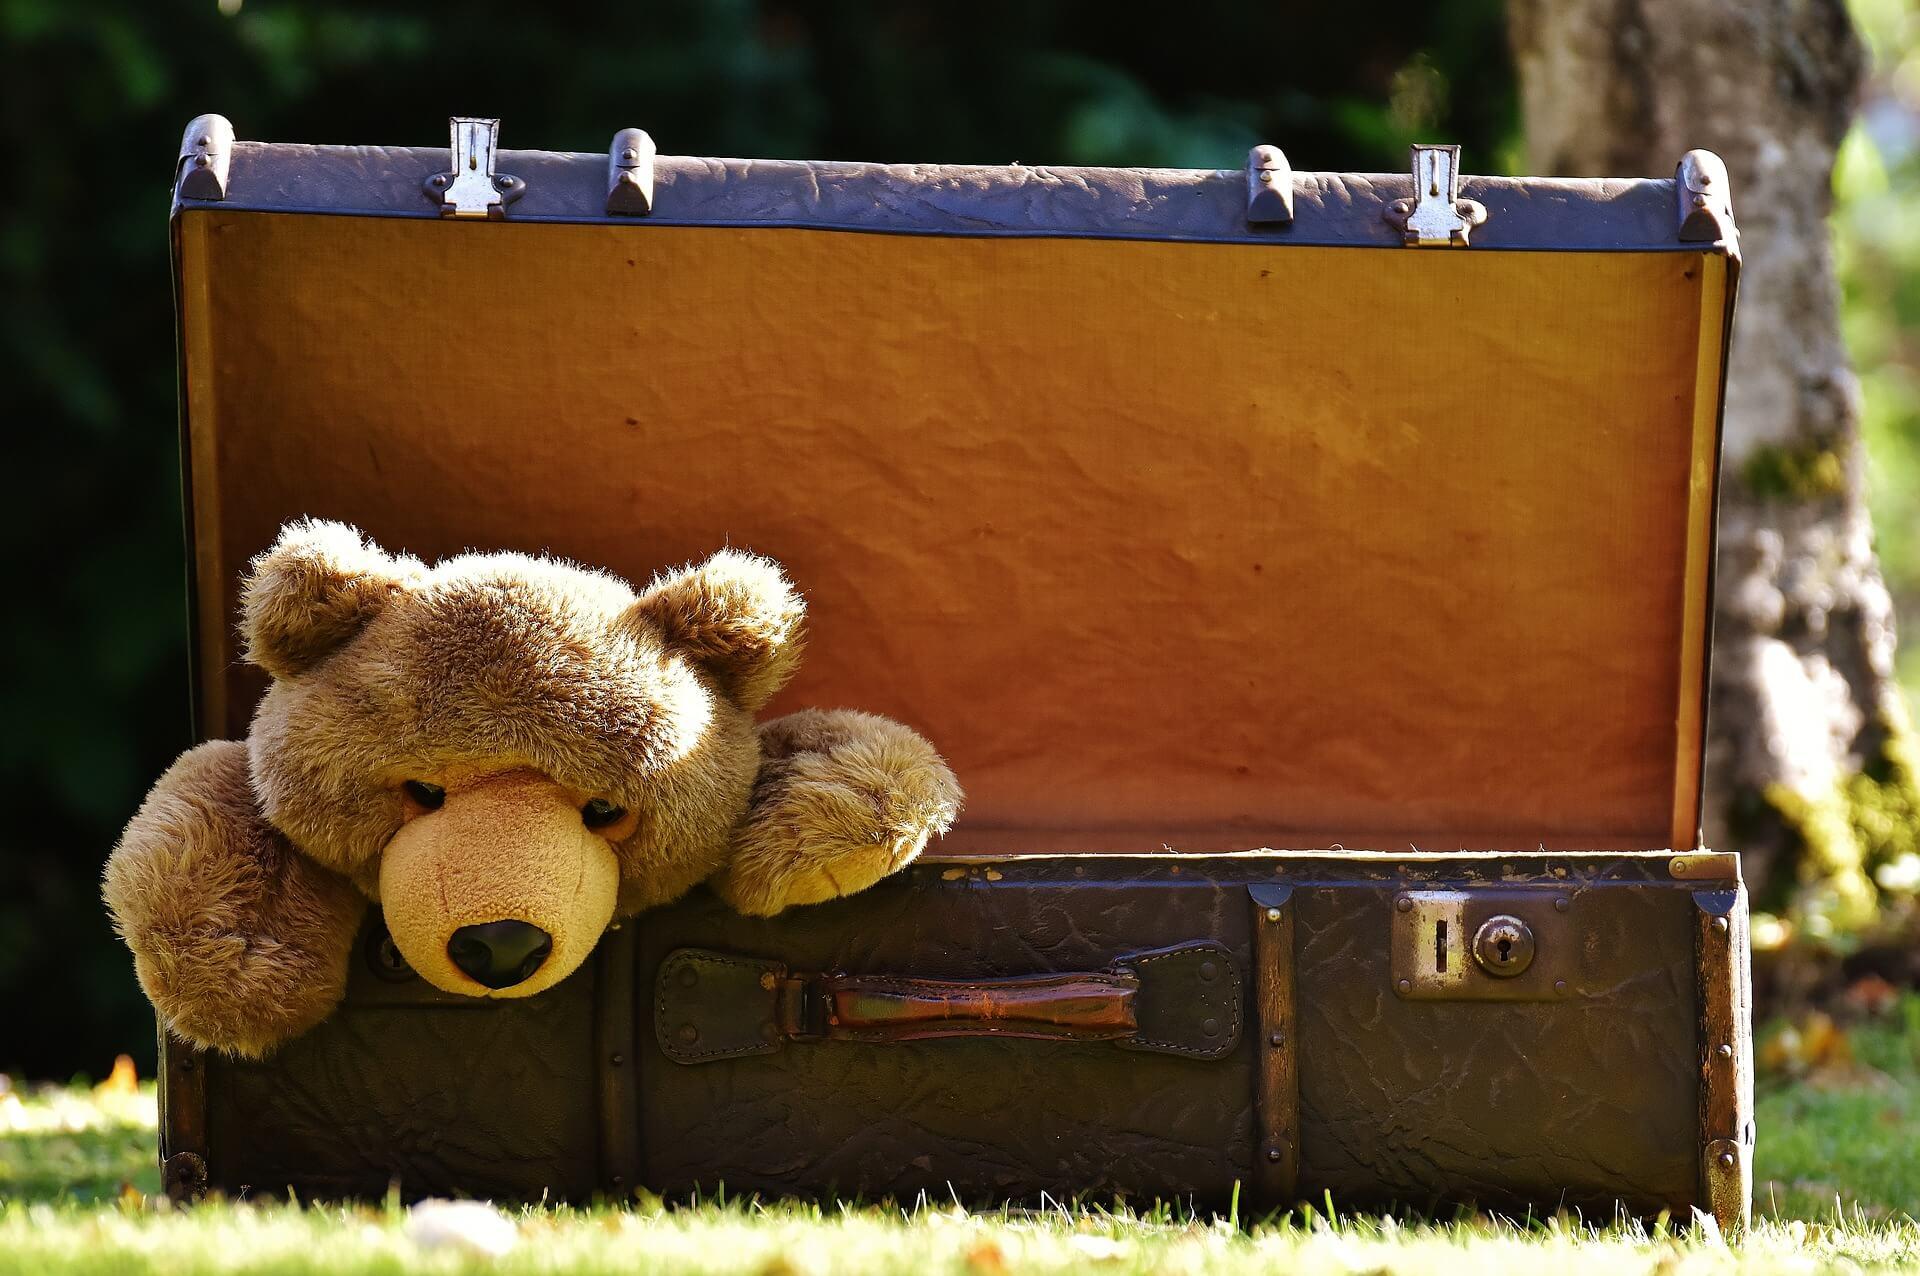 使わなくなったスーツケースを発展途上国に寄付。使わなくなった古びたスーツケースの中から古びたくまのぬいぐるみが顔を出す